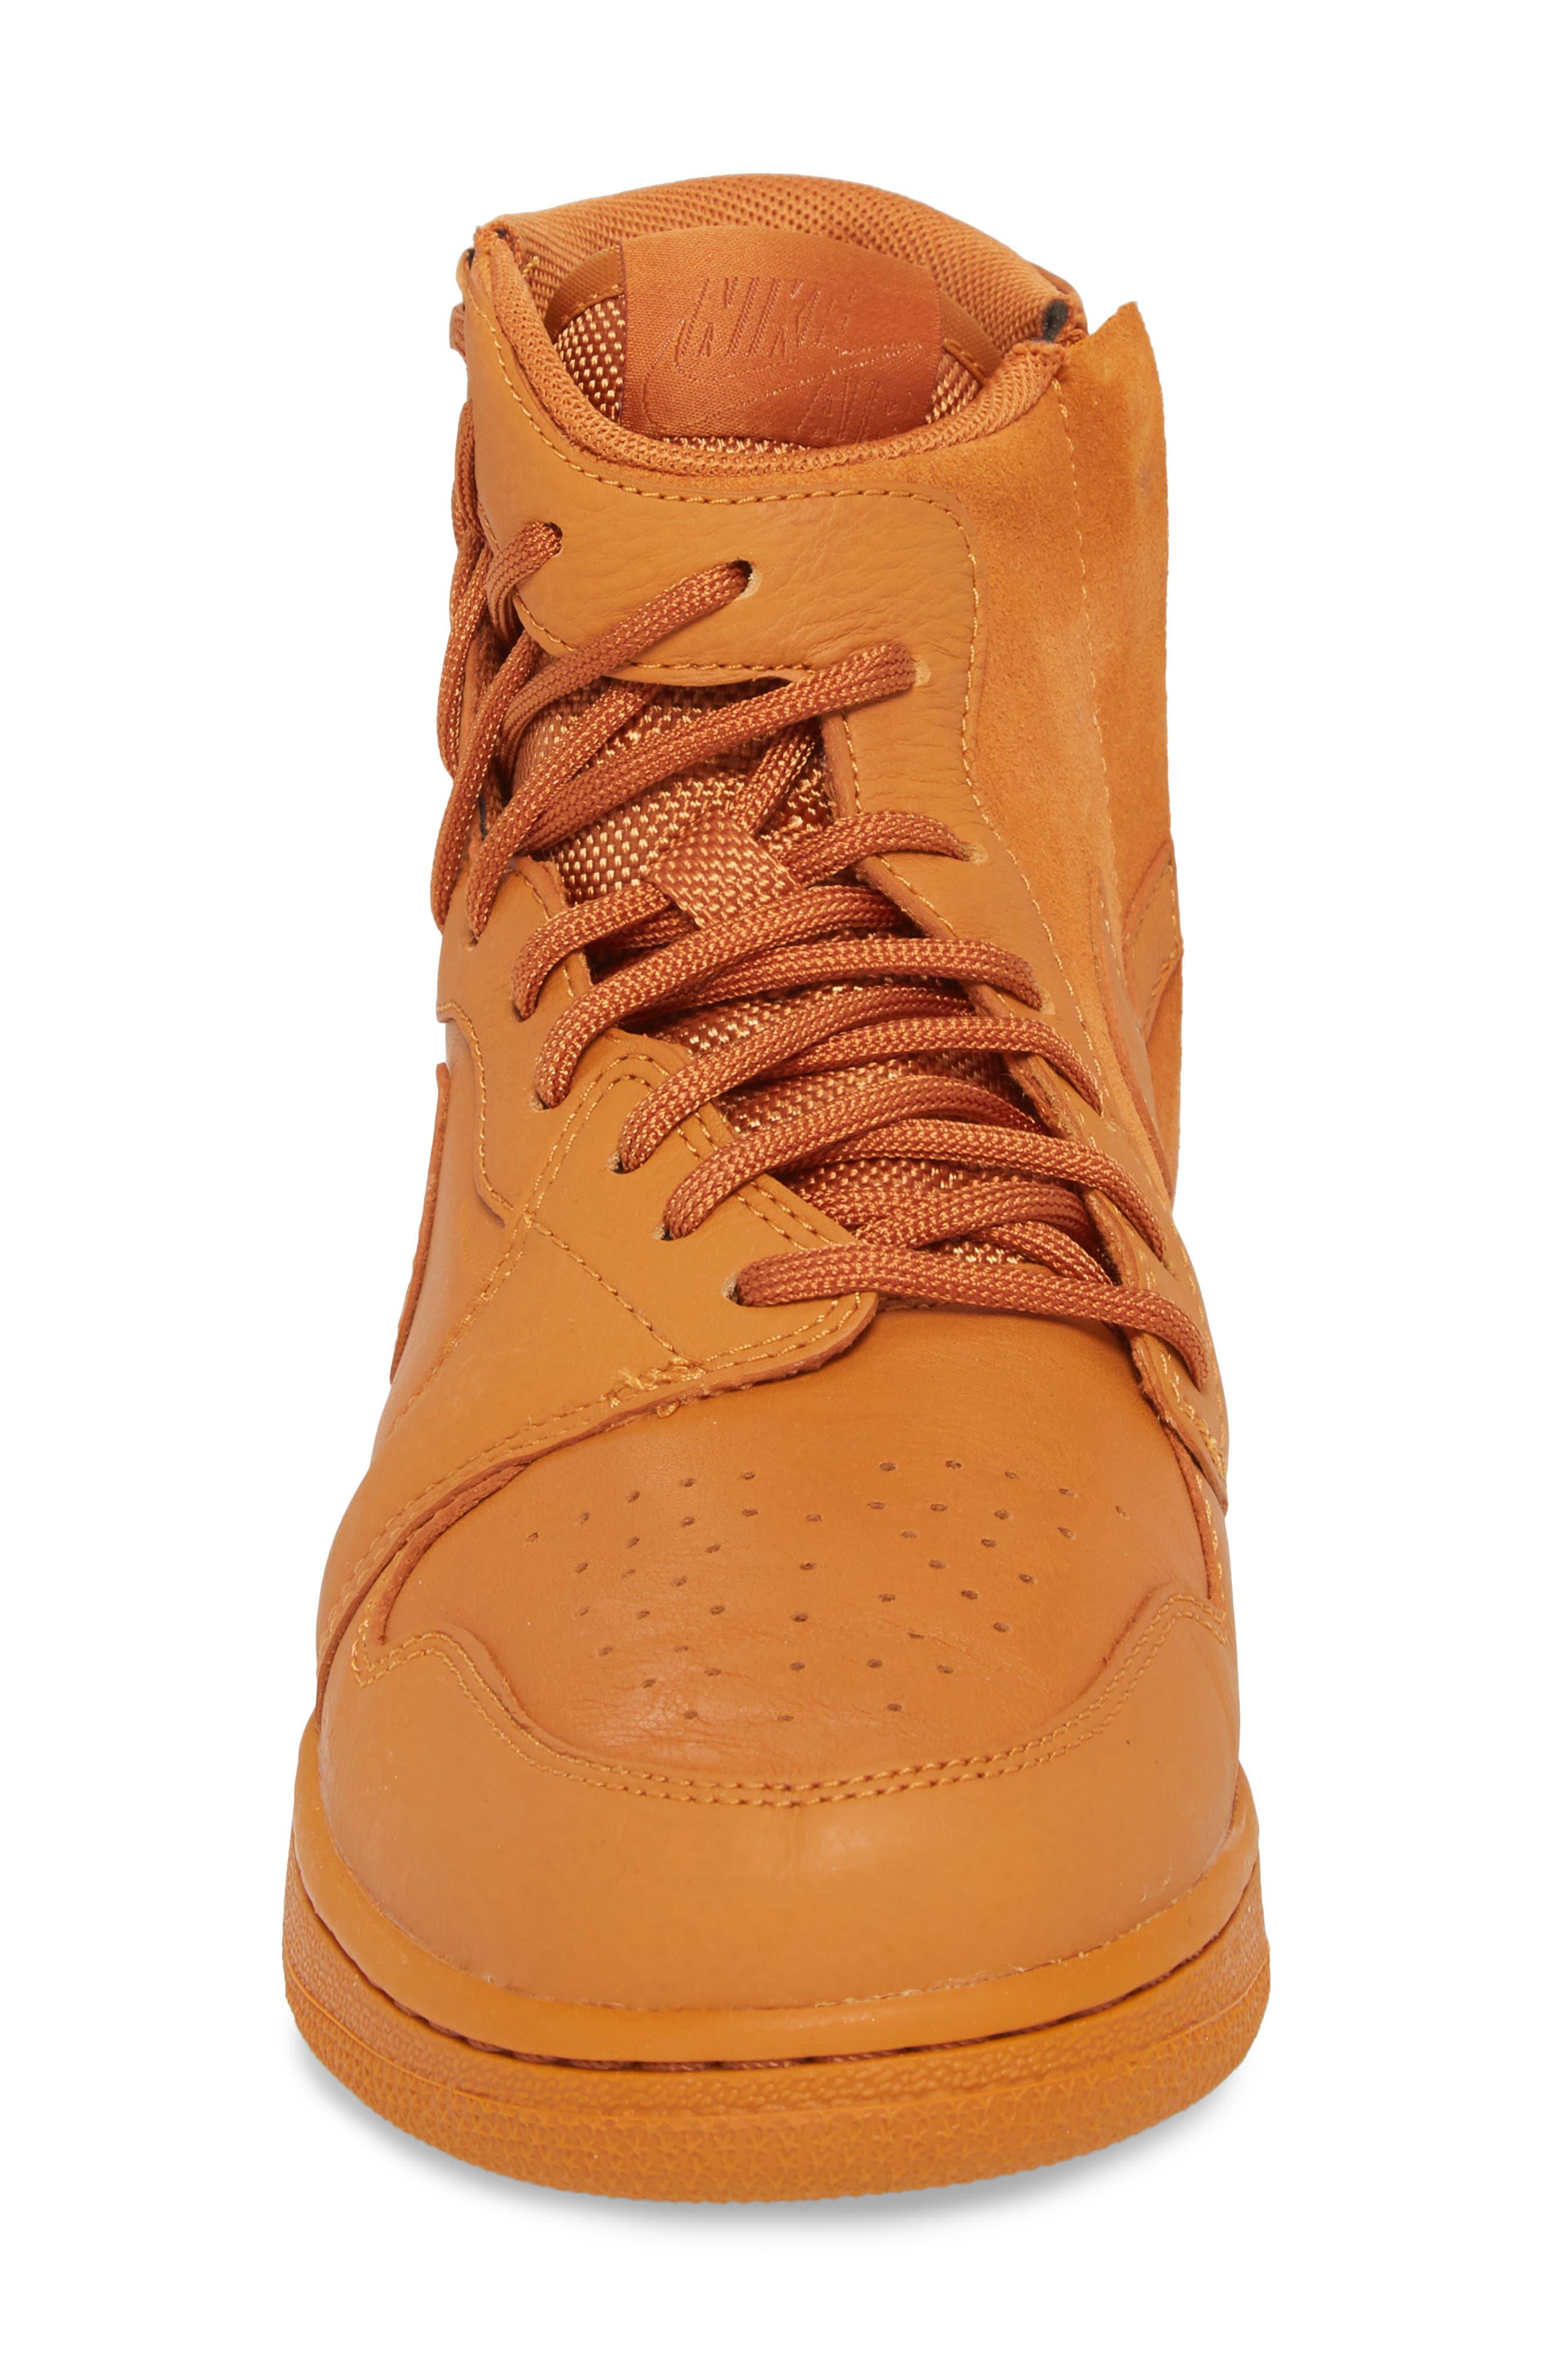 Air Jordan 1 Rebel XX High Top Sneaker,                             Alternate thumbnail 4, color,                             Cinder Orange